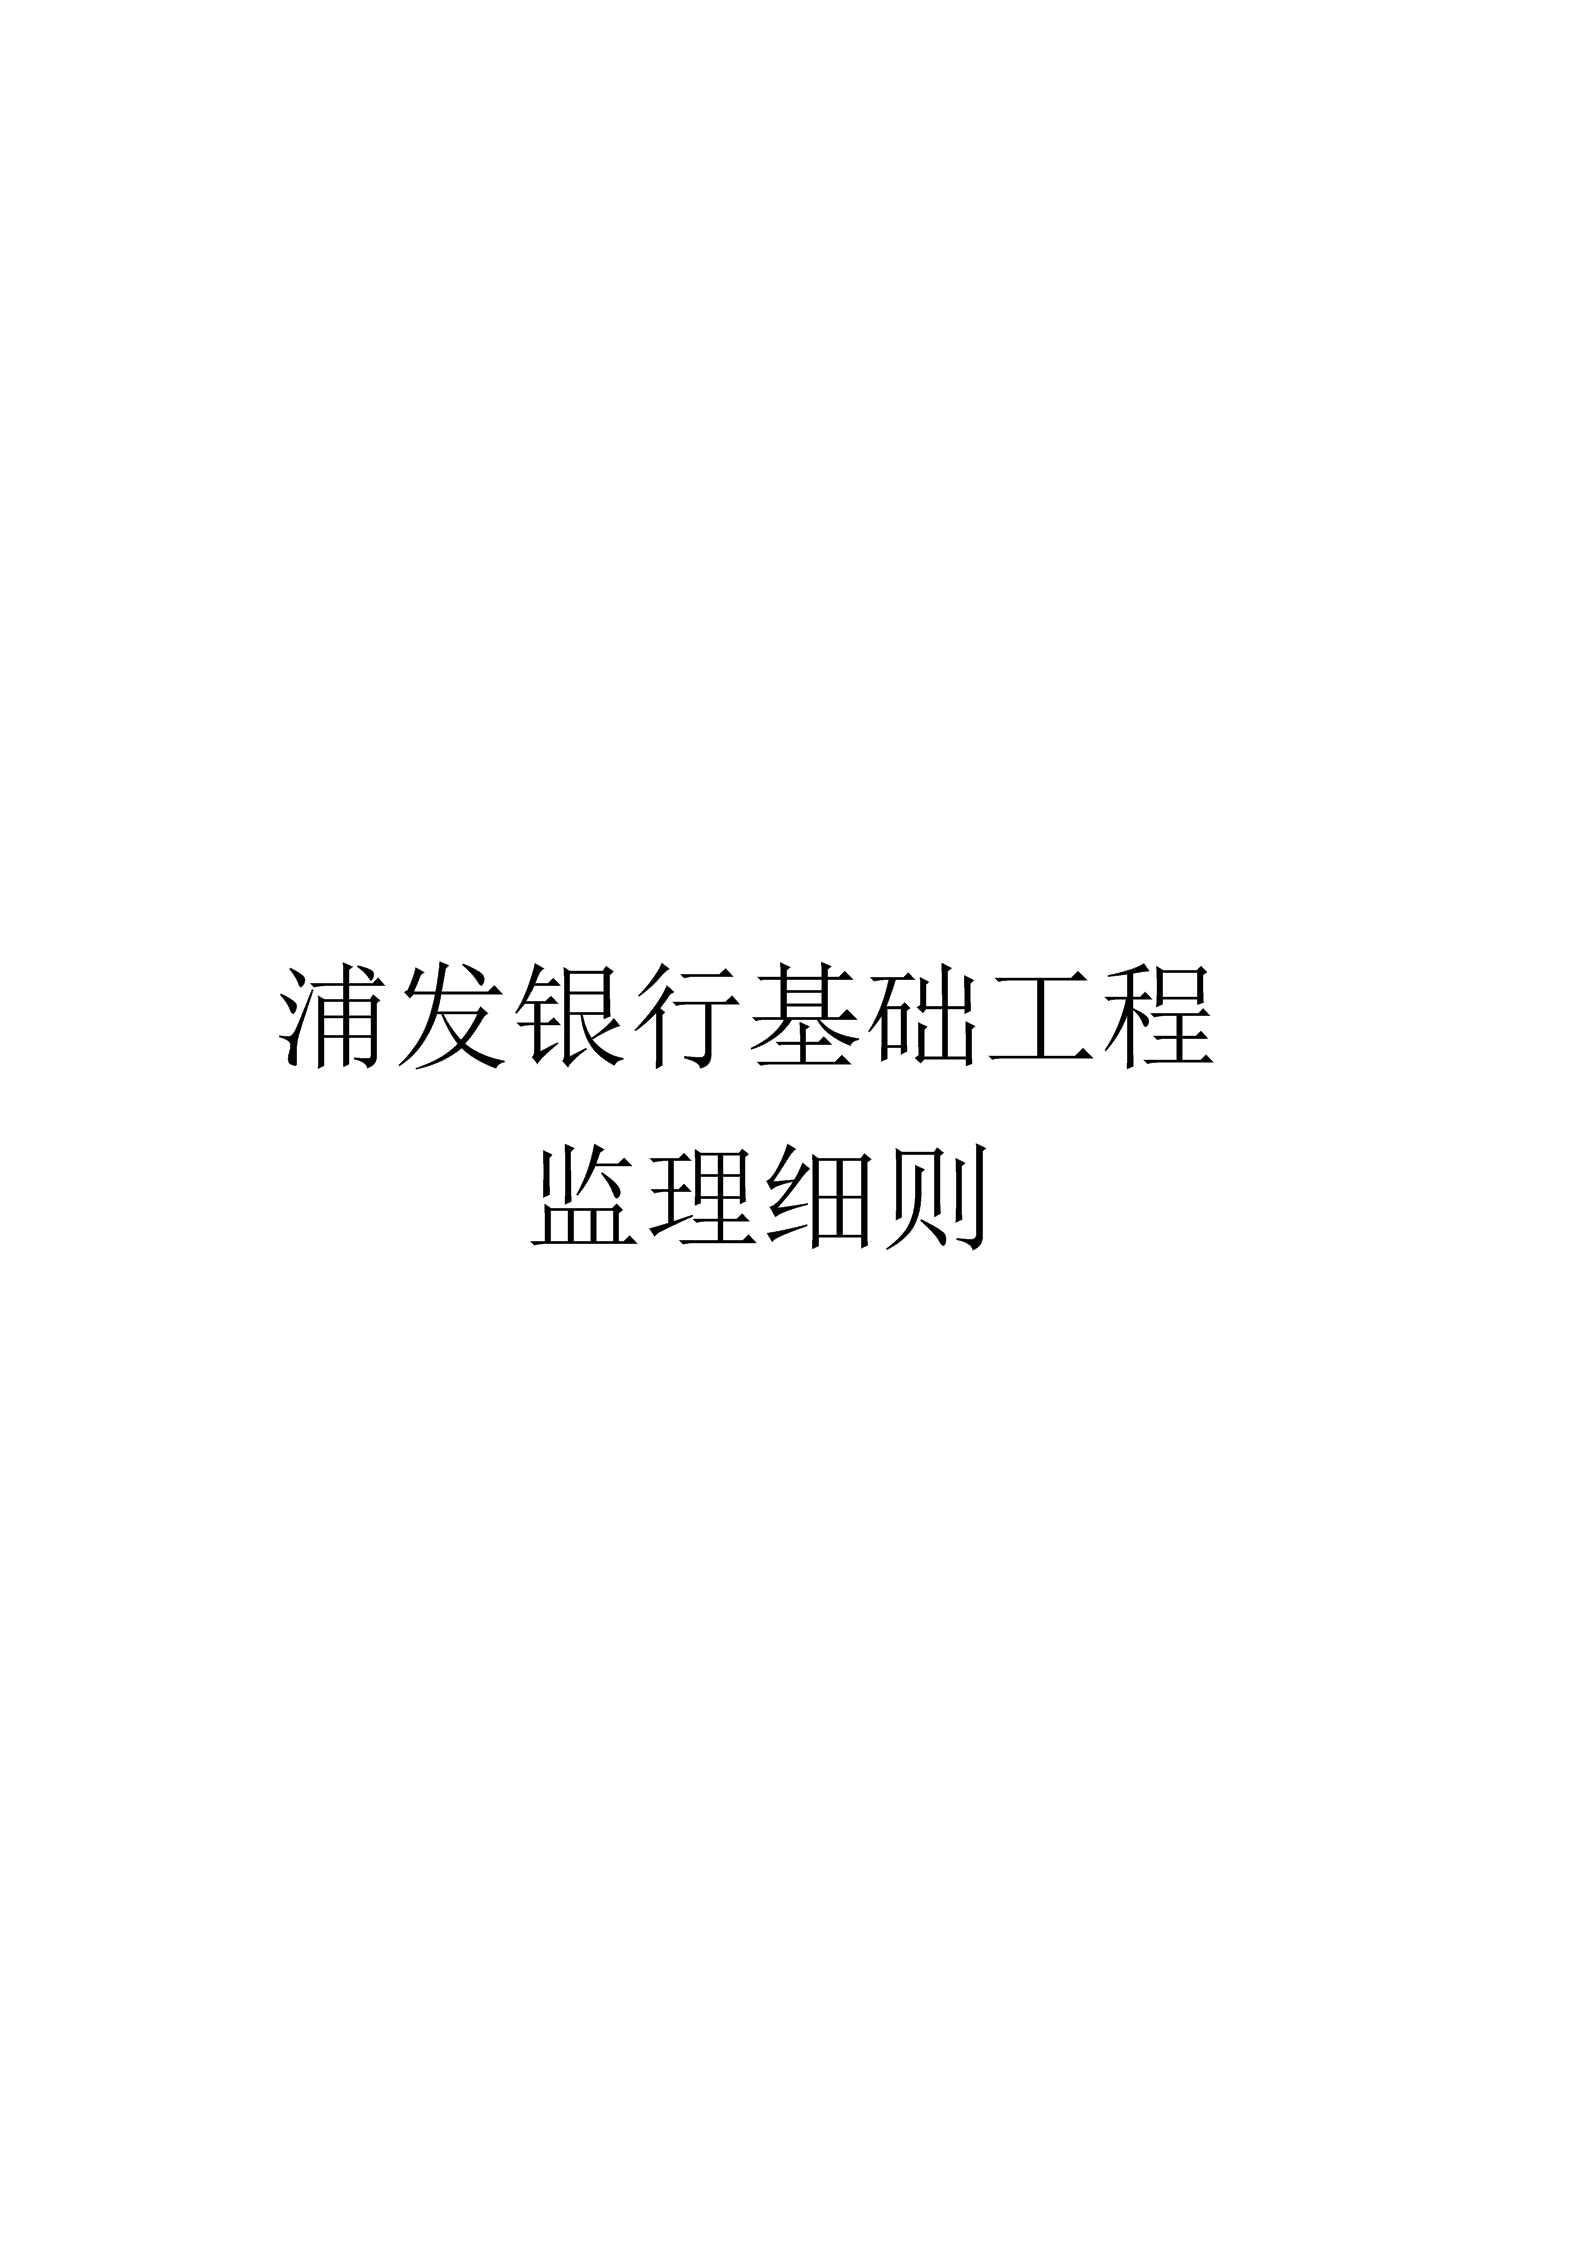 《浦发银行基础工程监理细则》.docx